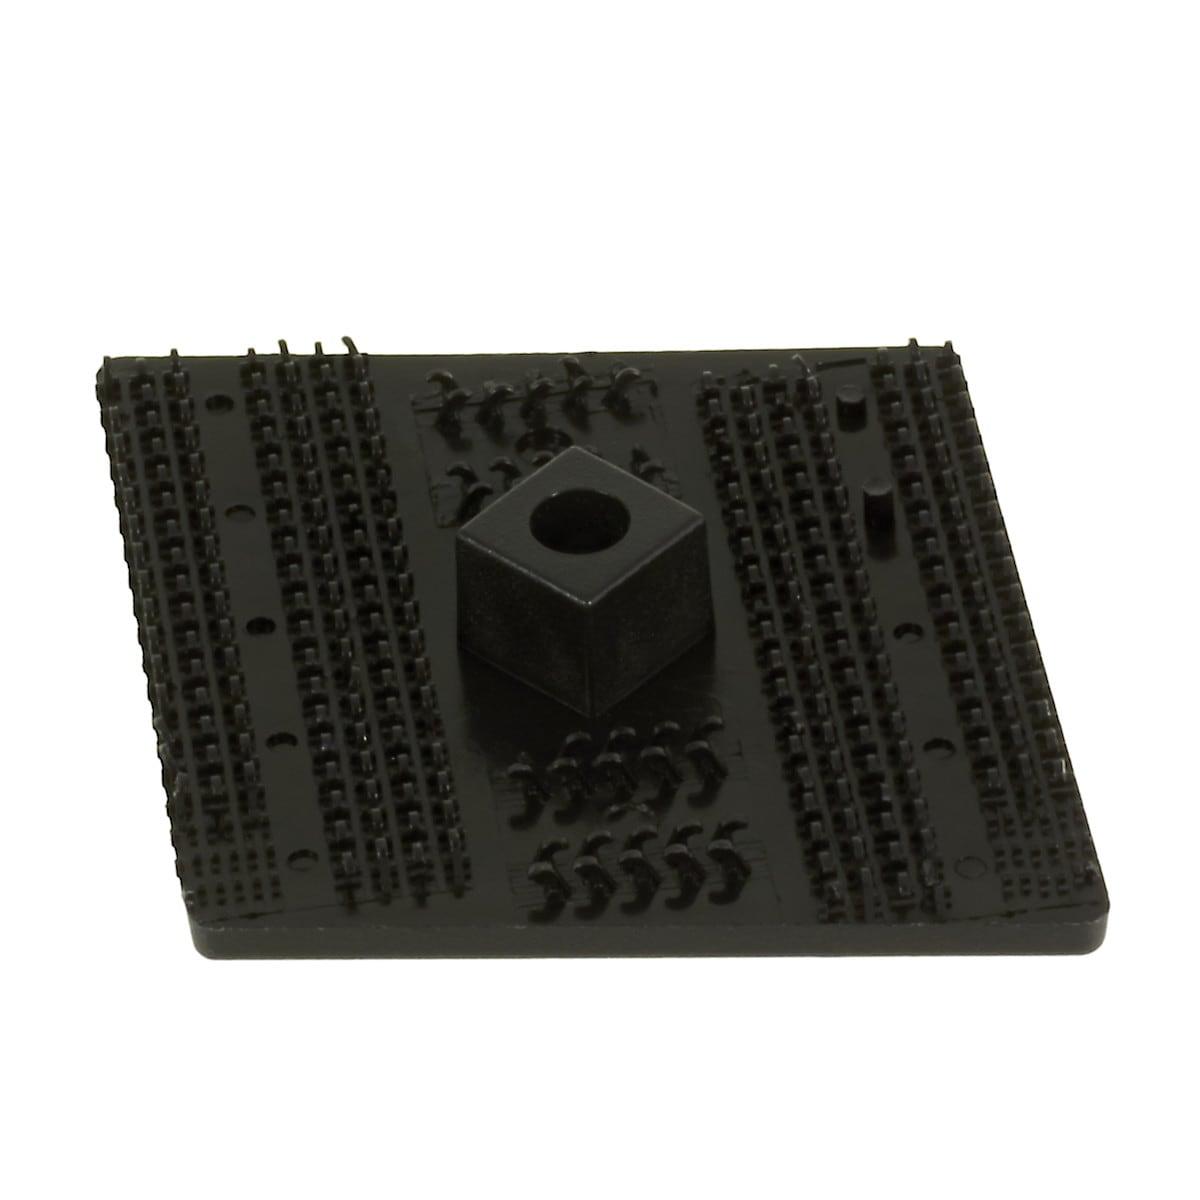 Halterung für die kleine Schleifplatte Black & Decker